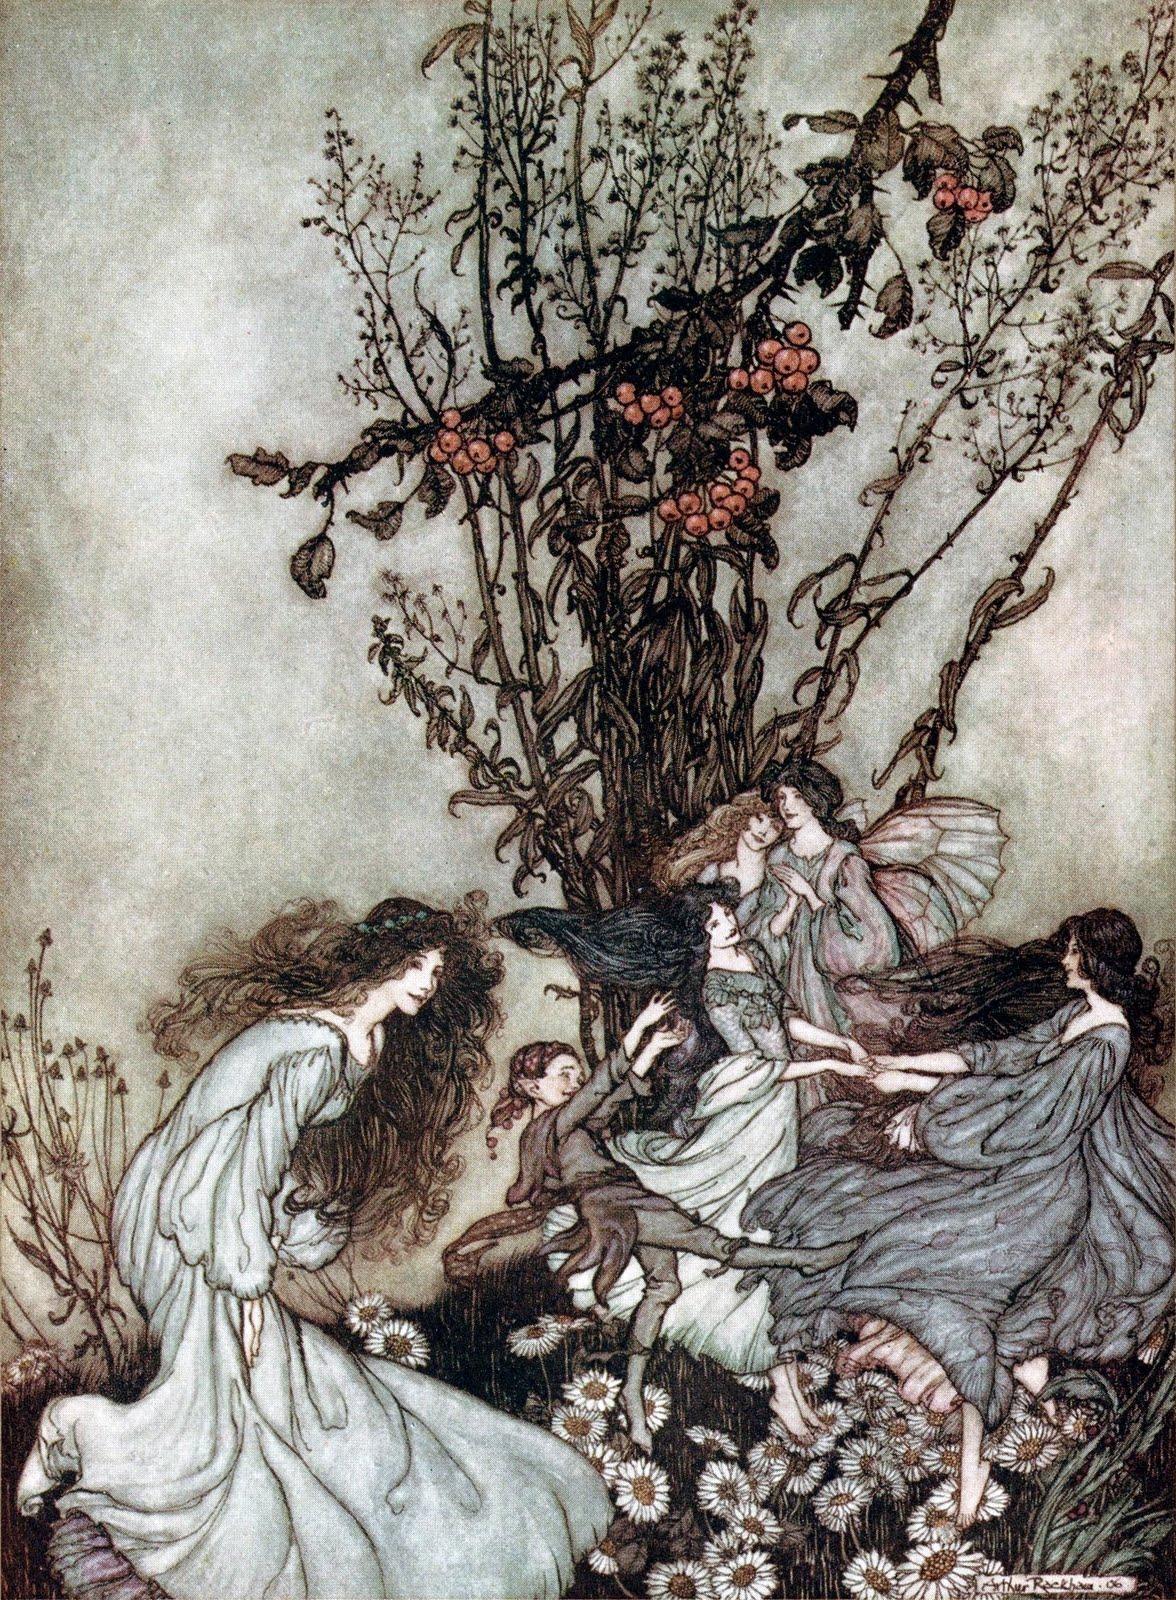 Pintura de Fadas dançando no em volta de uma árvore frutífera